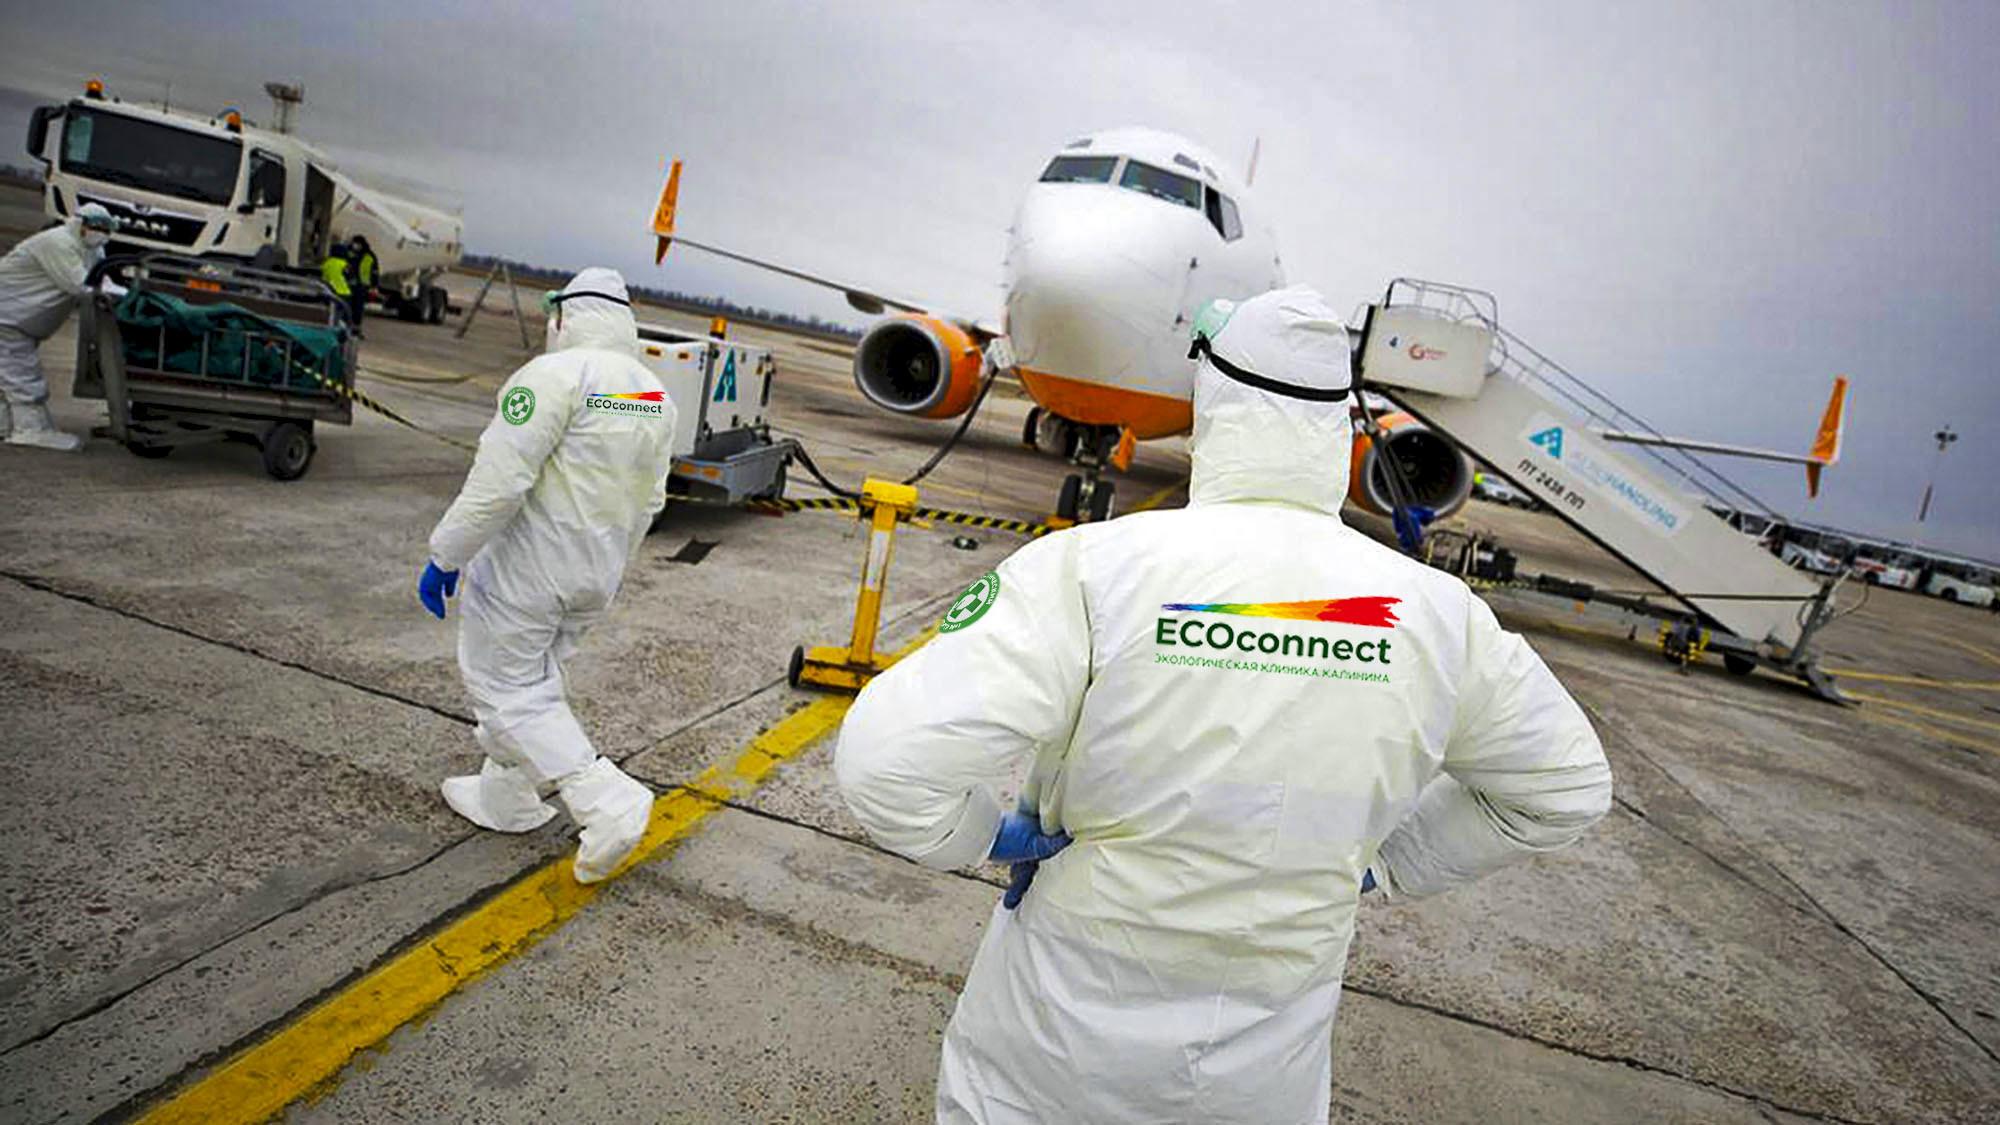 Комплексное экологическое обследование самолетов фото